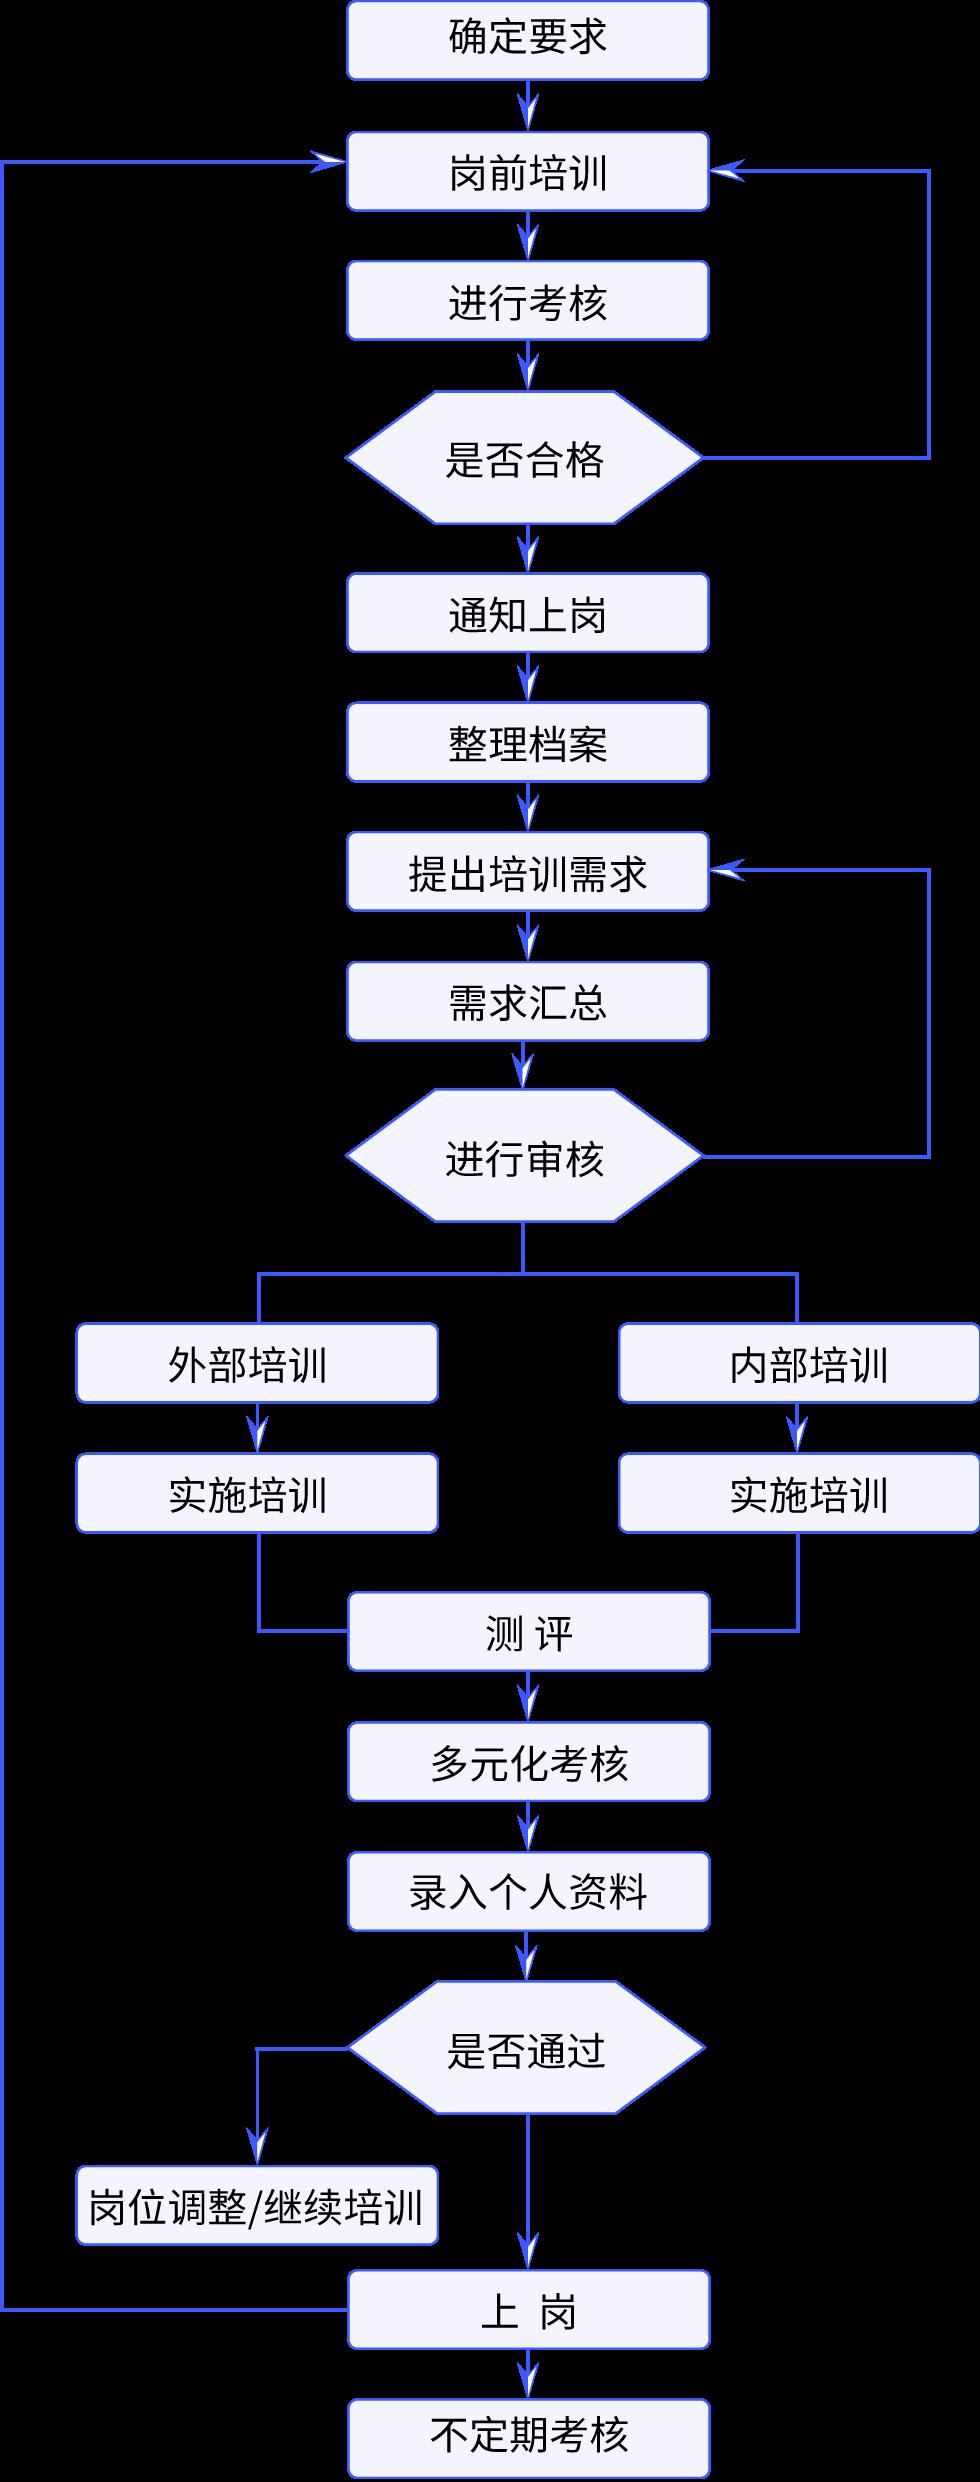 人力資源開發流程圖1.png